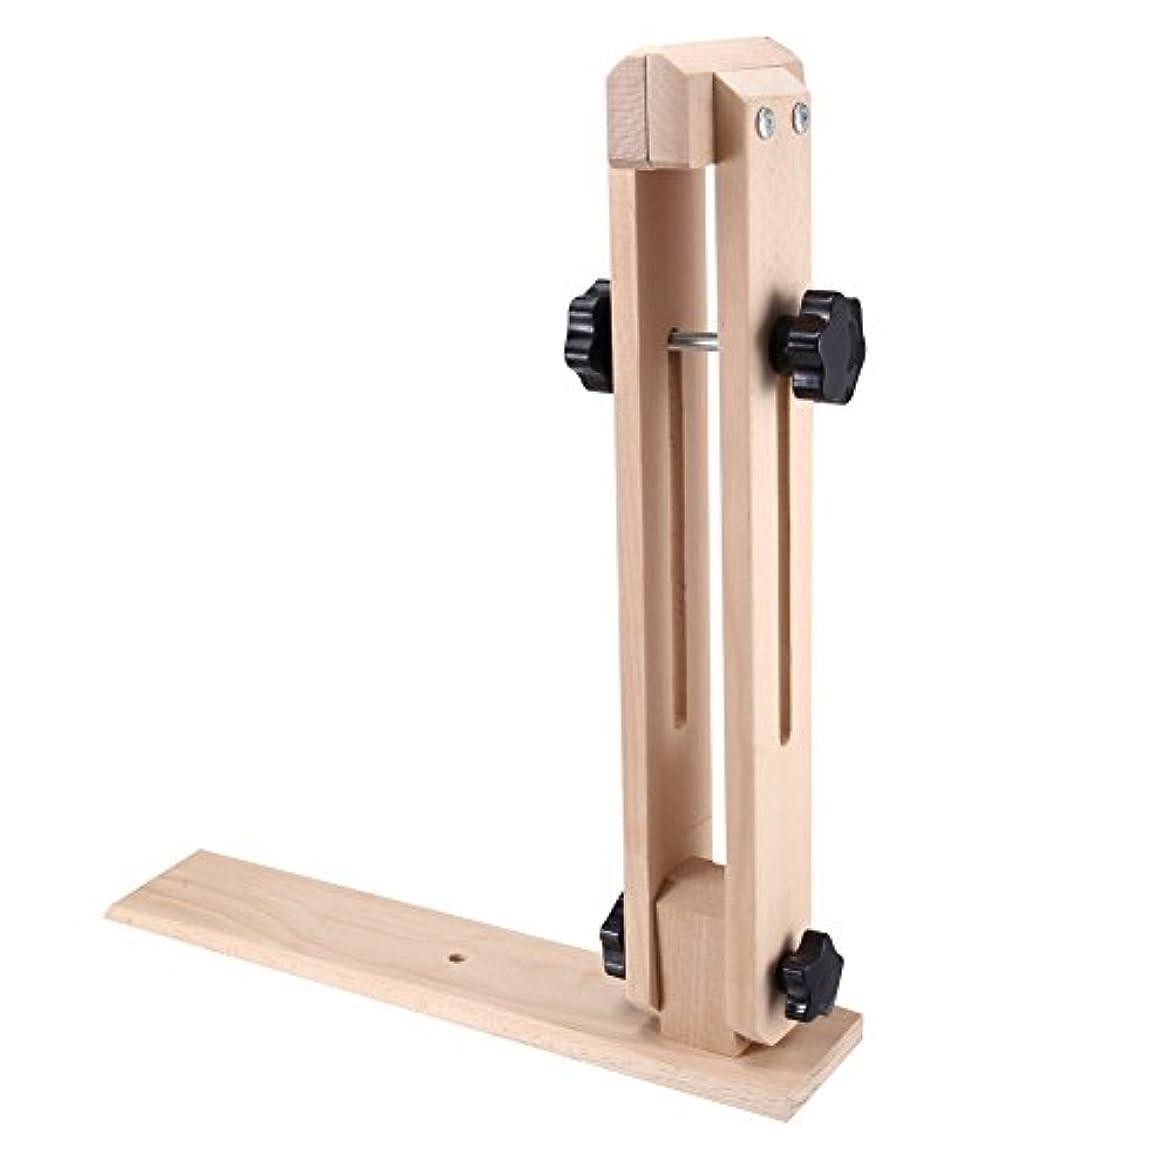 スナップ姉妹記者Xlp  縫合を切り分けるための調節可能な回転ノブと耐久性のある革固定木製クリップホルダーフレーム